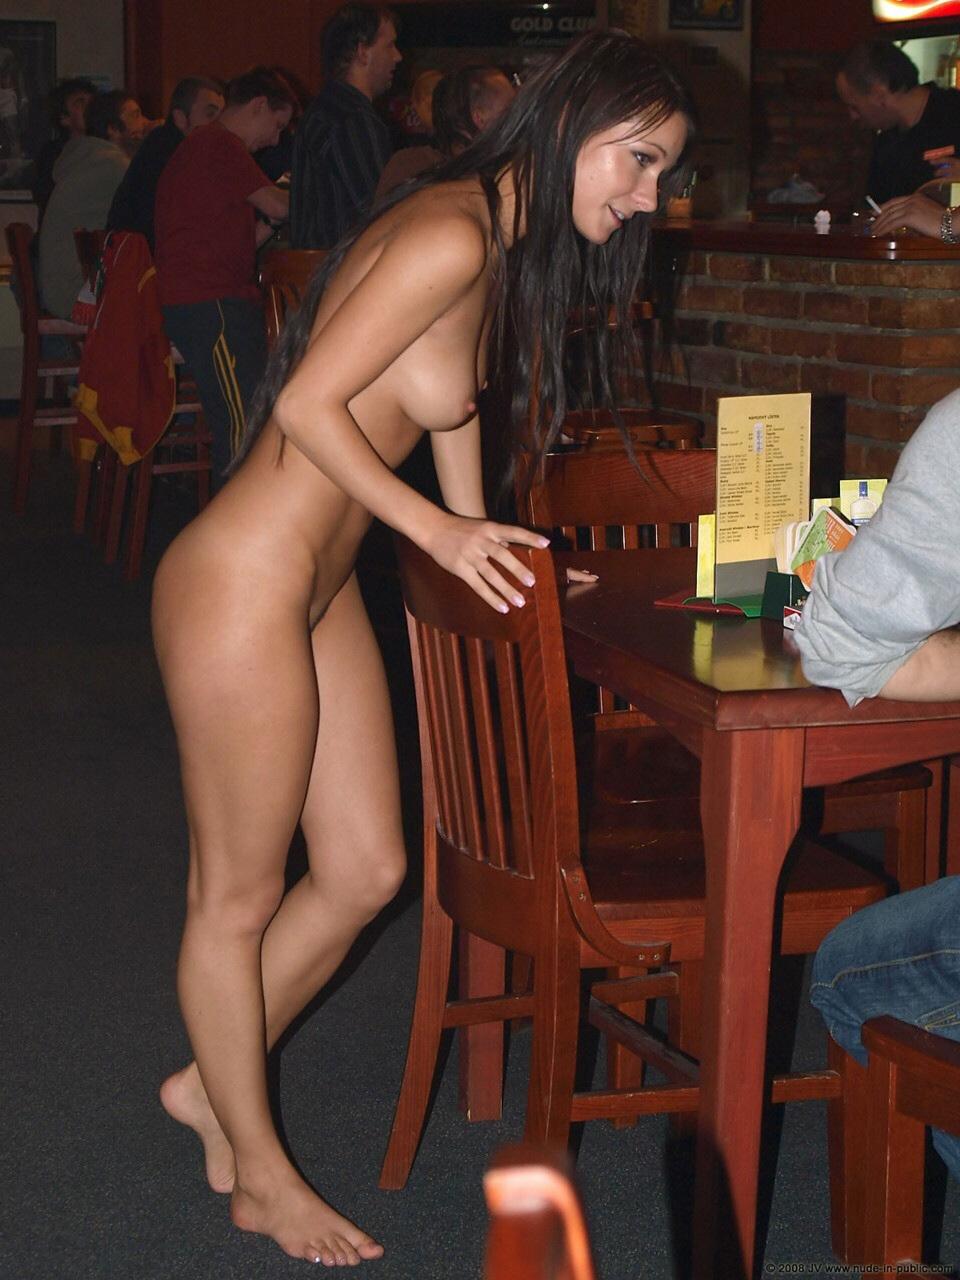 Bar De Putas garçonetes gostosas nuas atendendo clientes peladinhas no